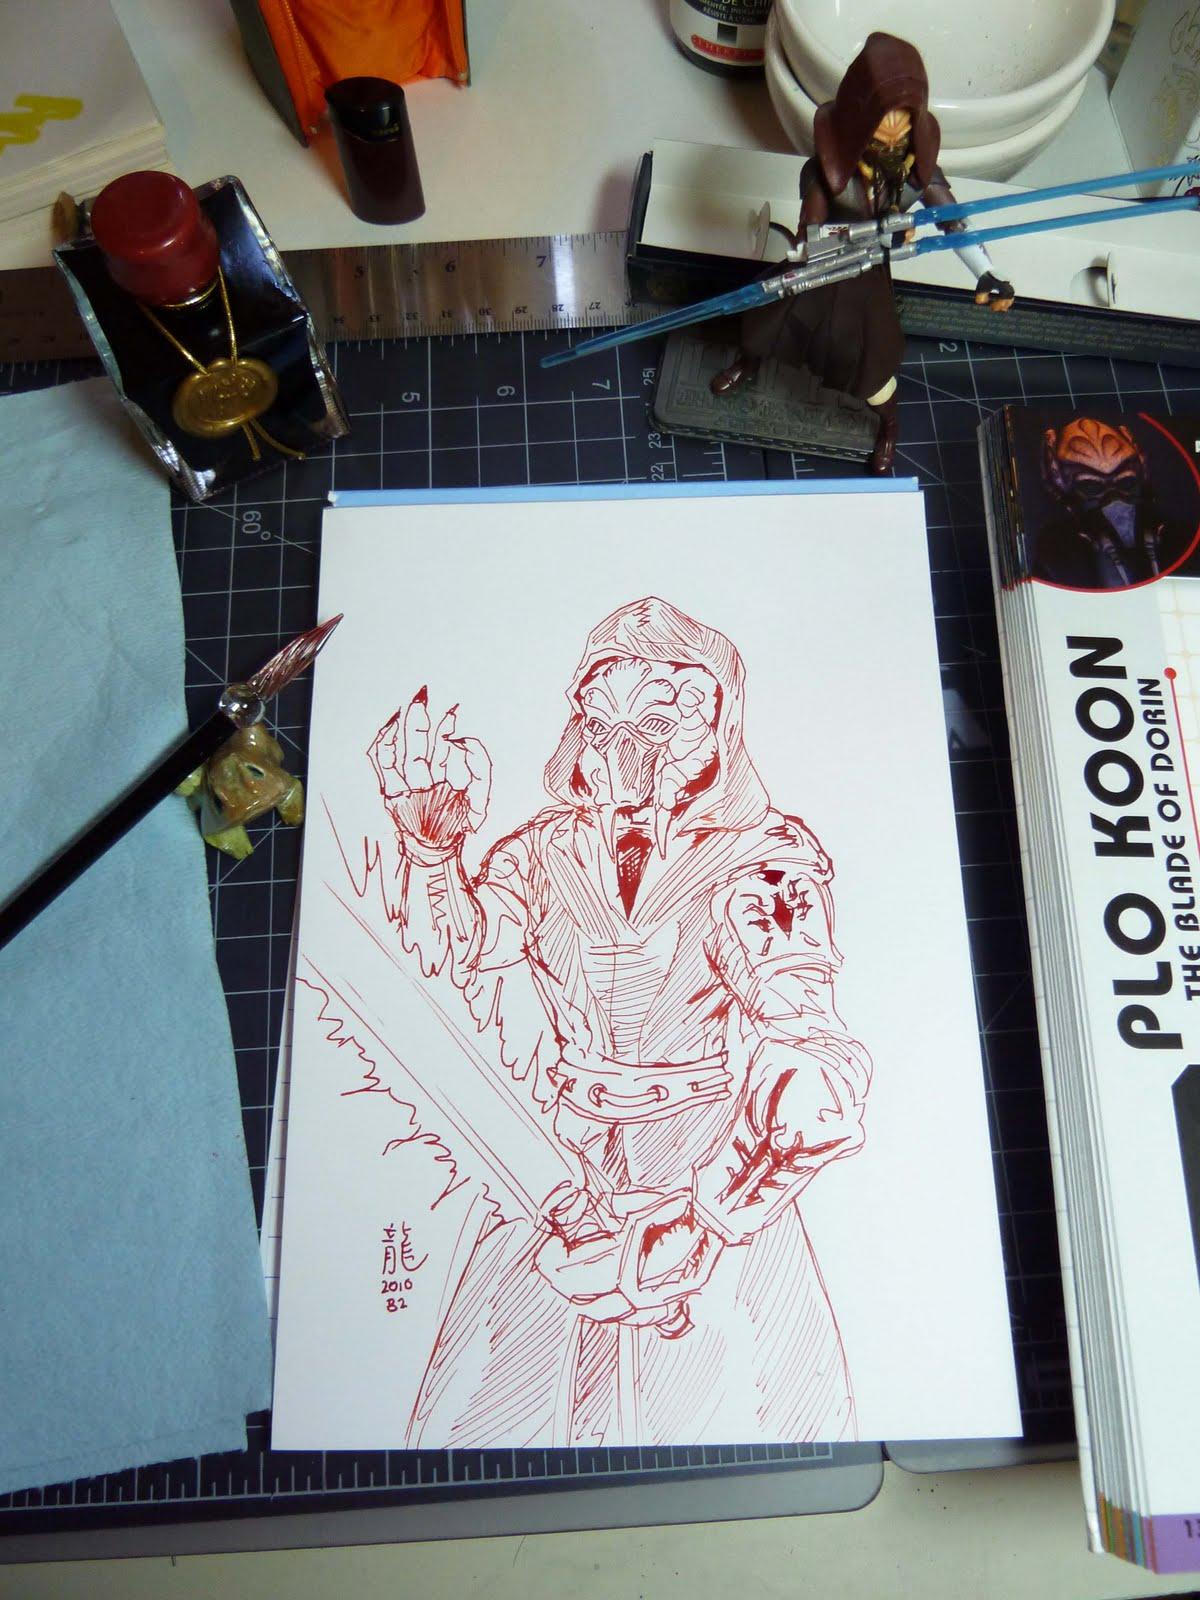 http://2.bp.blogspot.com/_idUARdOEJAk/TDtTtID82XI/AAAAAAAAHn8/yIVmeMrKoUw/s1600/J+Herbin+1670+Plo+Koon+fan+art+sketch+on+Clairefontaine+Triomphe+paper+b.jpg